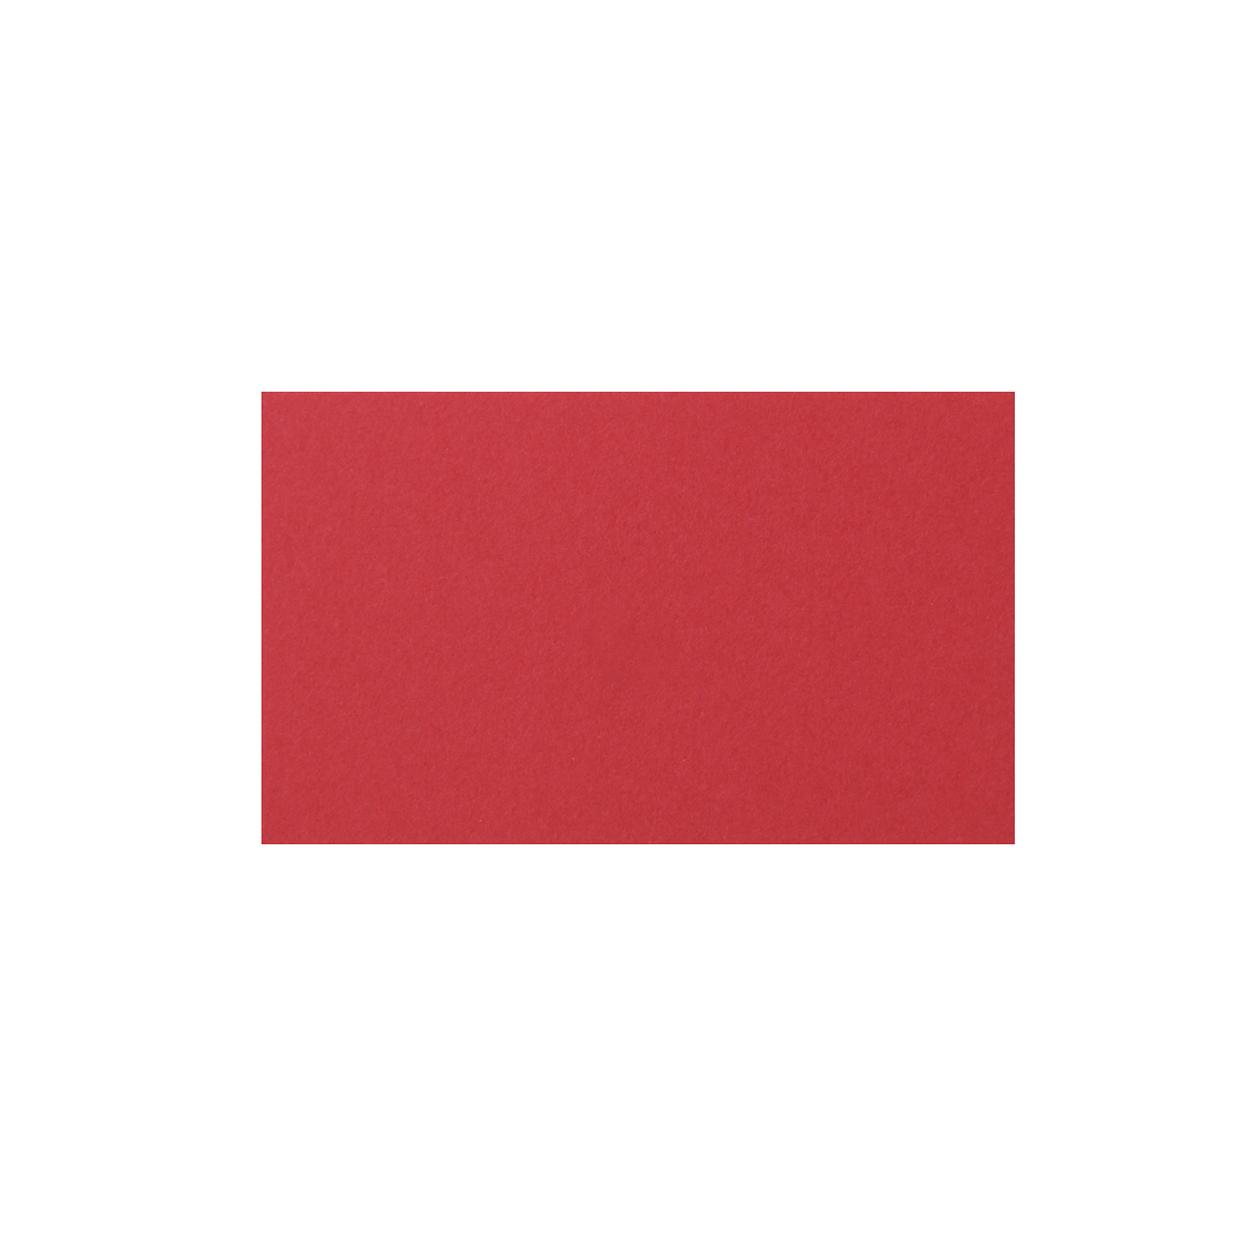 ネームカード コットン(NTラシャ) 赤 151.2g